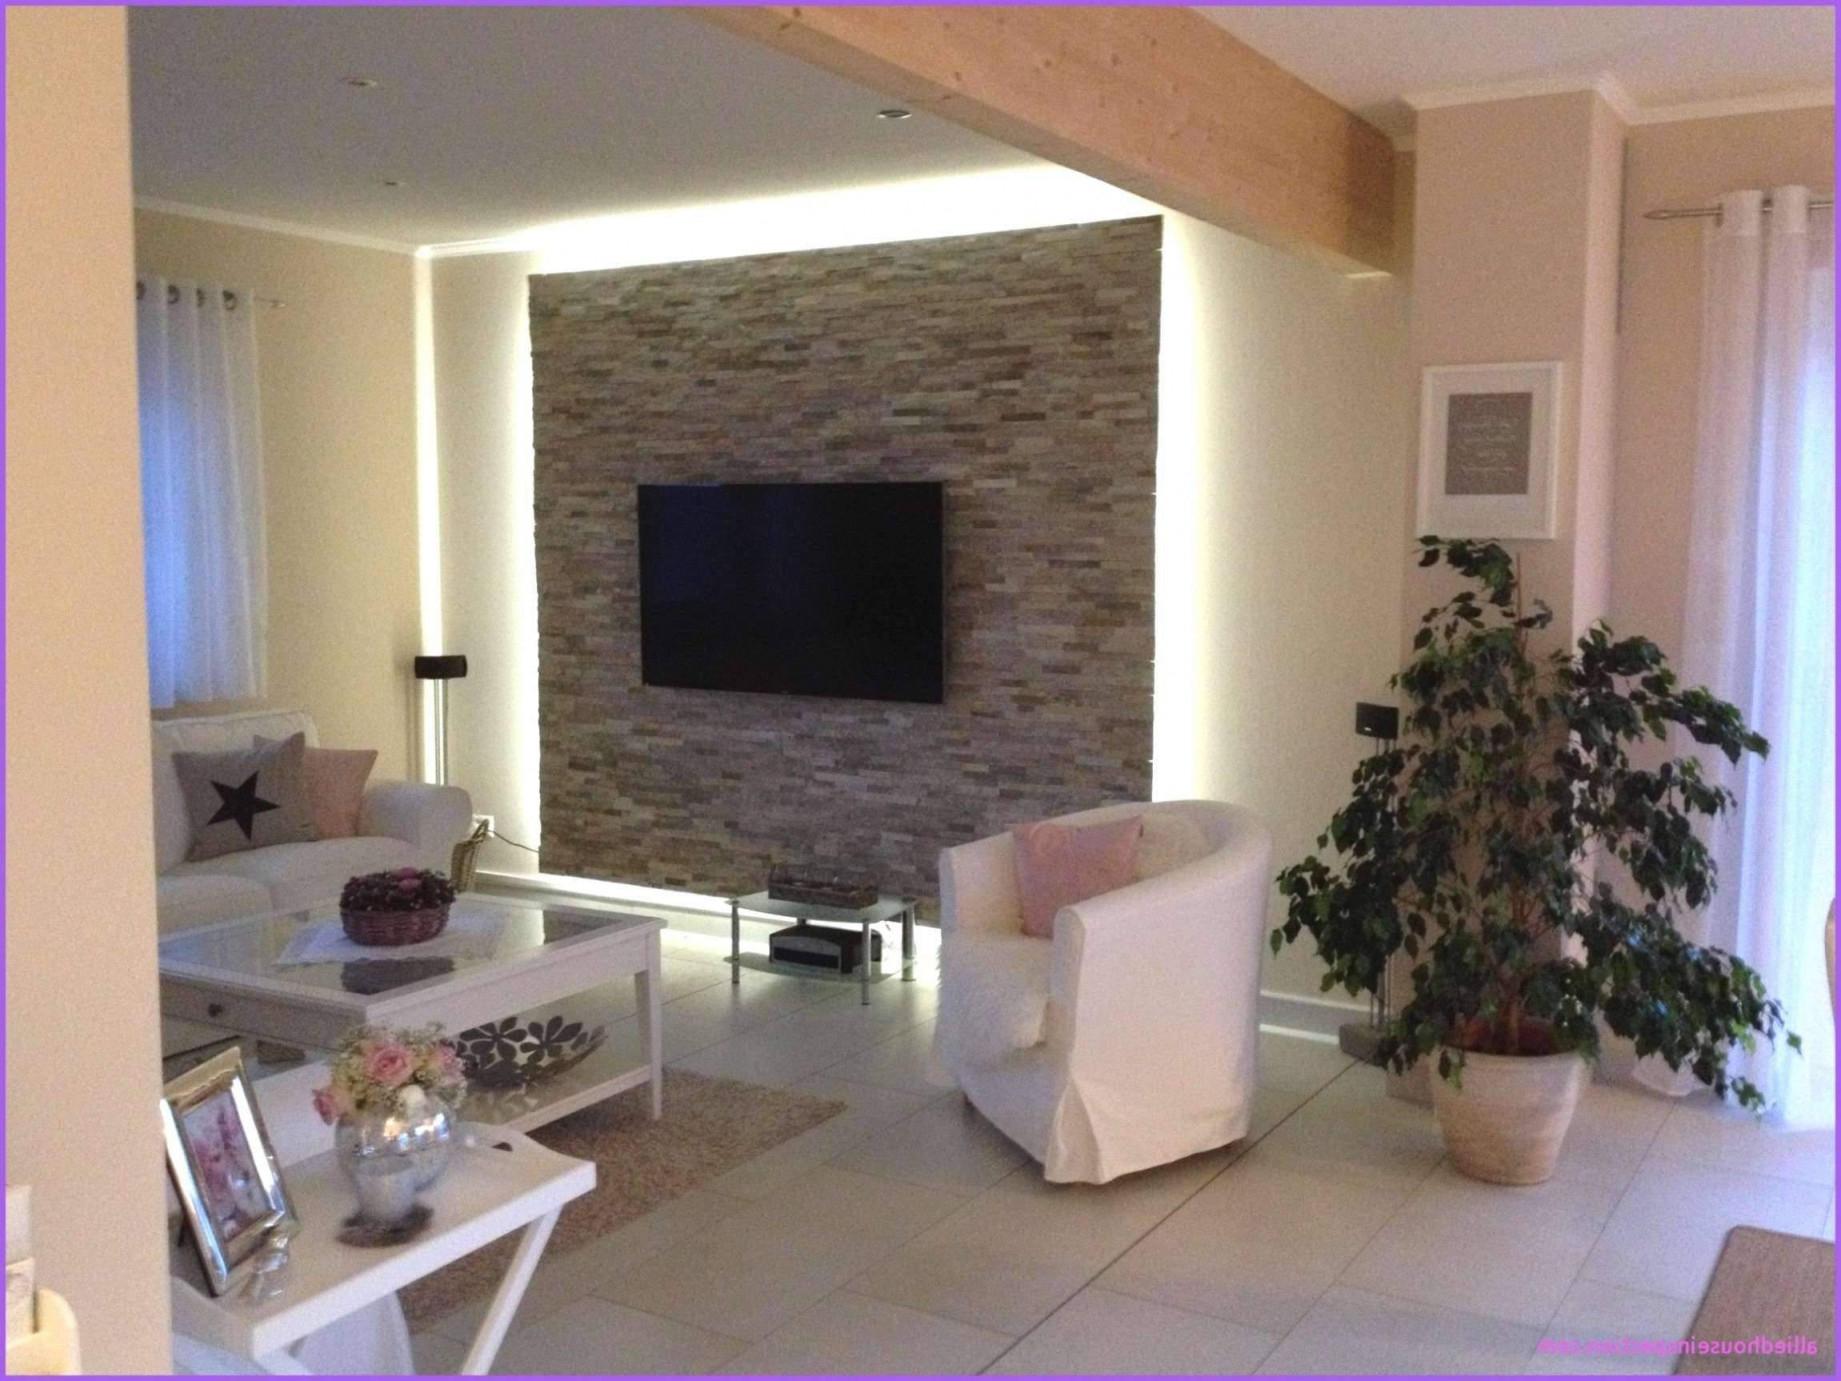 Wohnzimmer Ideen Wandgestaltung Streifen Das Beste Von Wand von Ideen Zur Wandgestaltung Wohnzimmer Photo